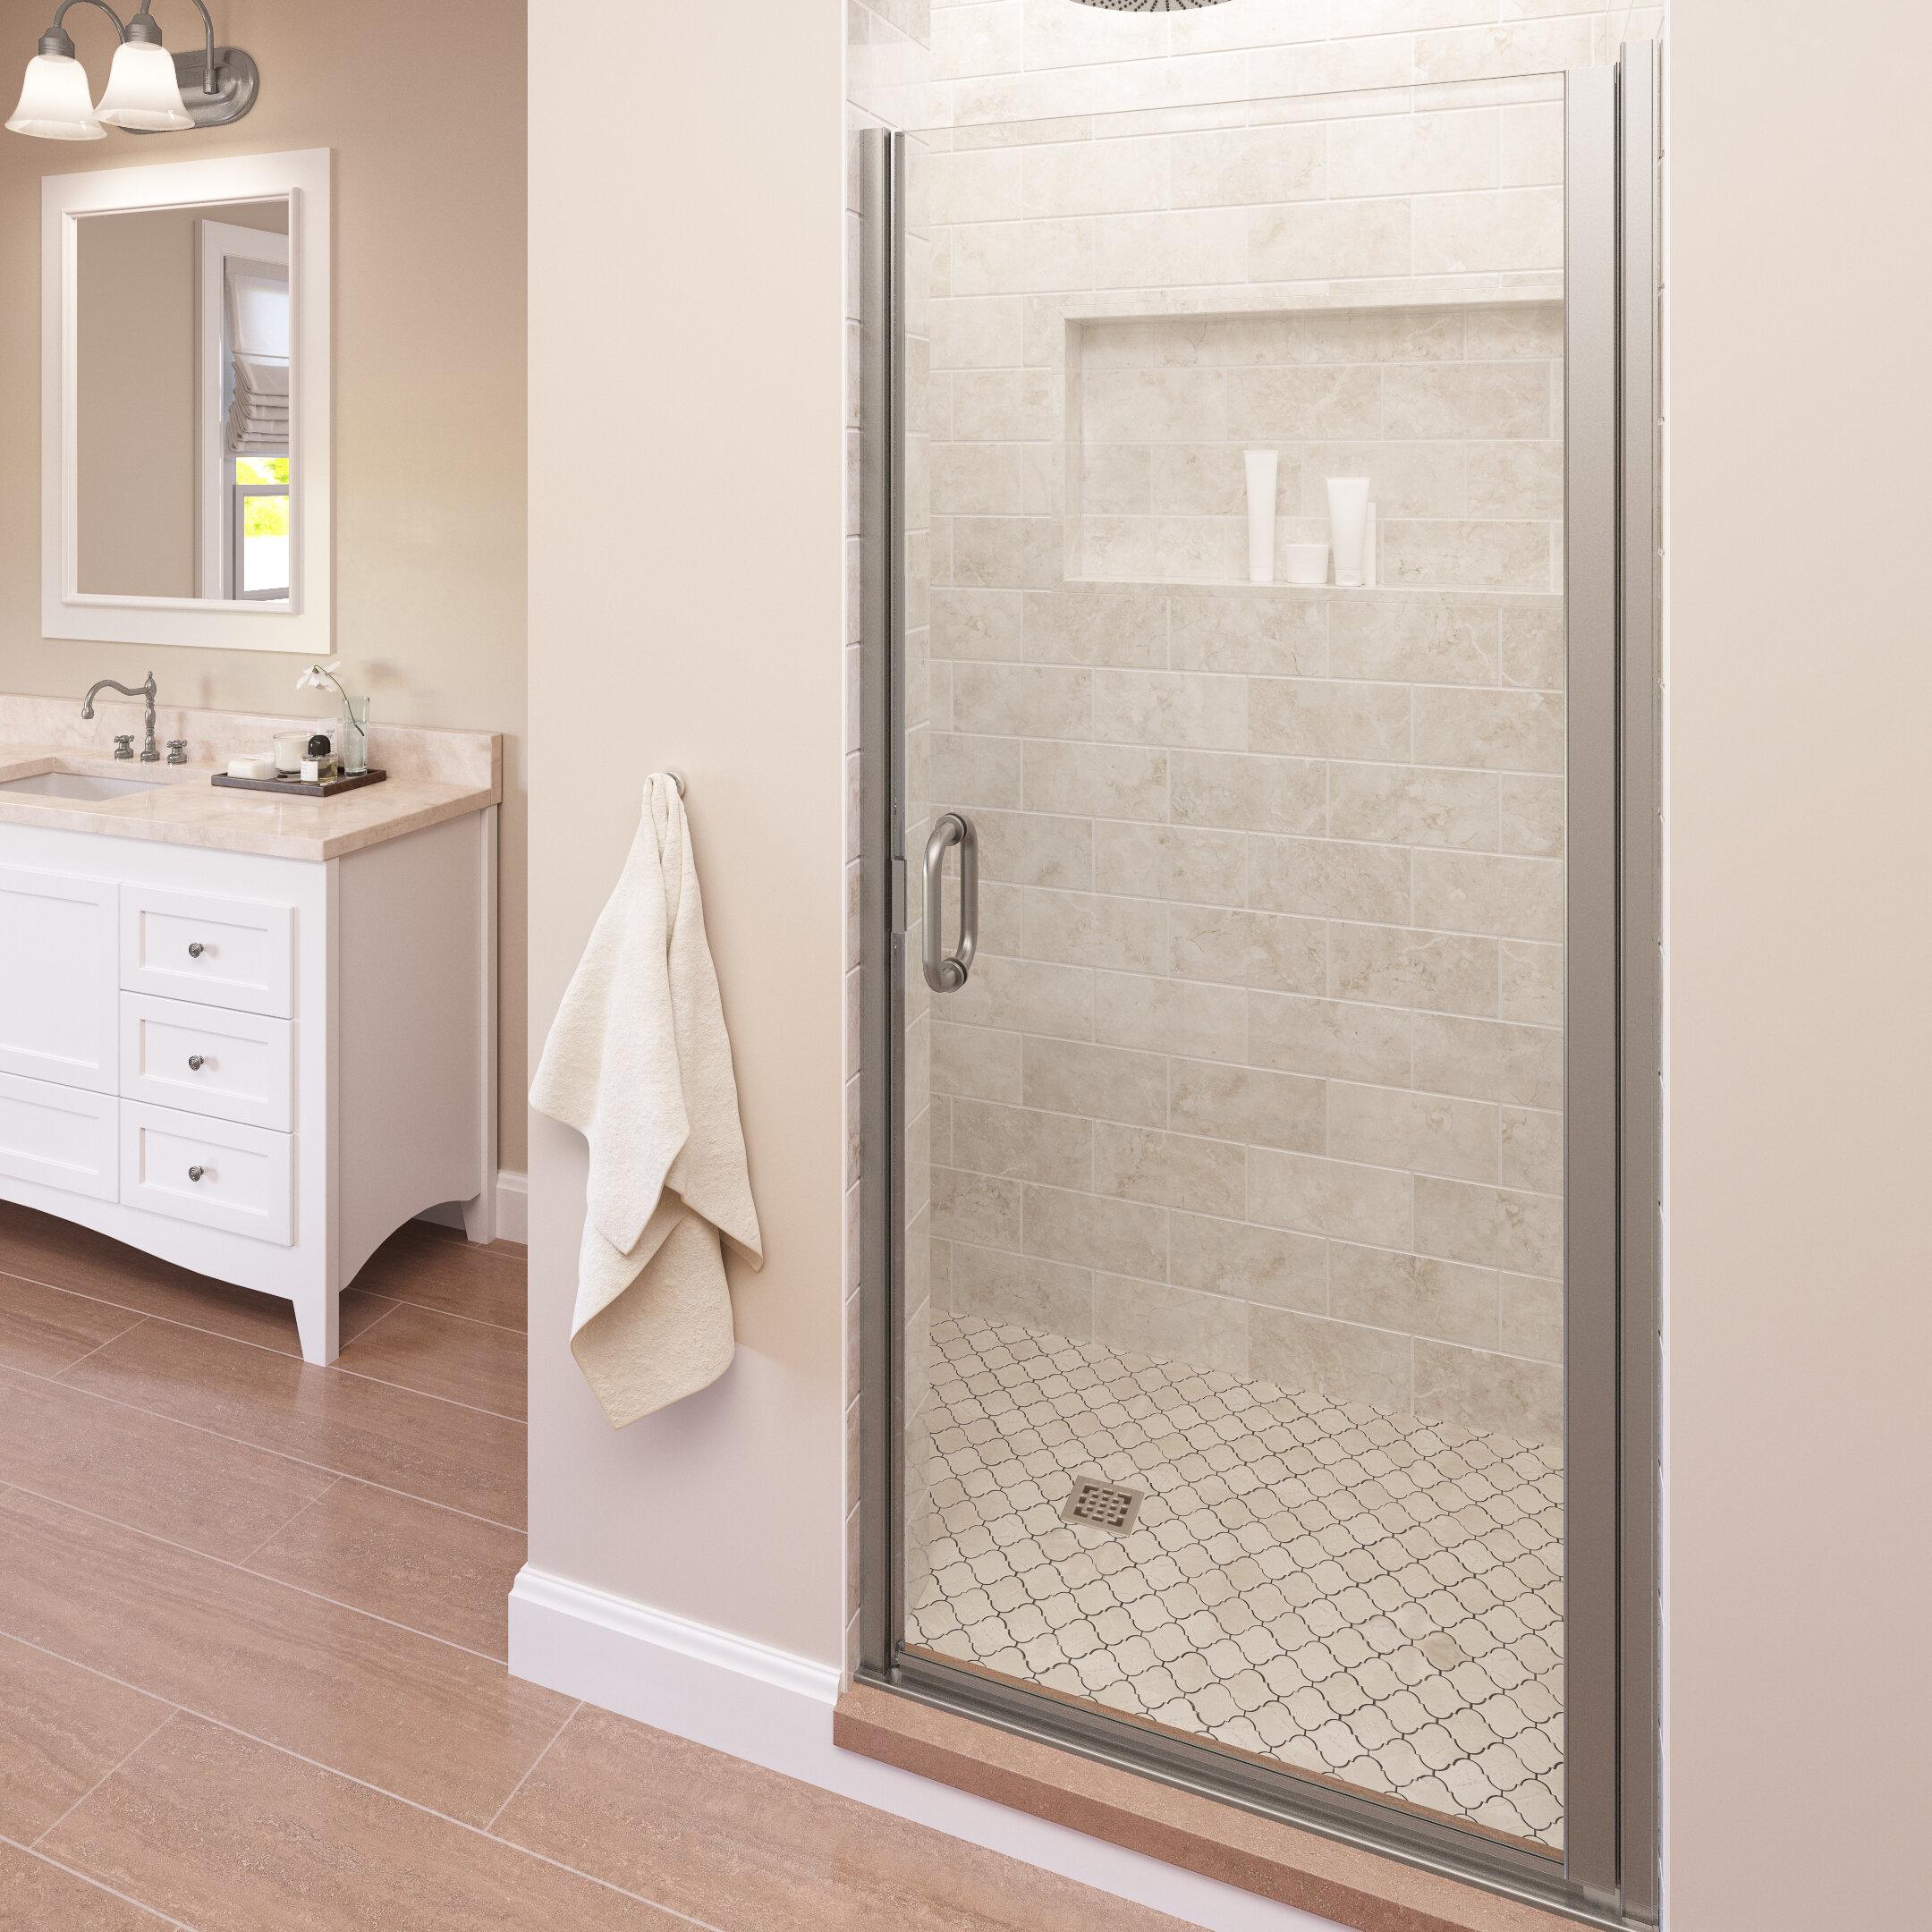 Basco Infinity 34 X 66 Pivot Semi Frameless Shower Door